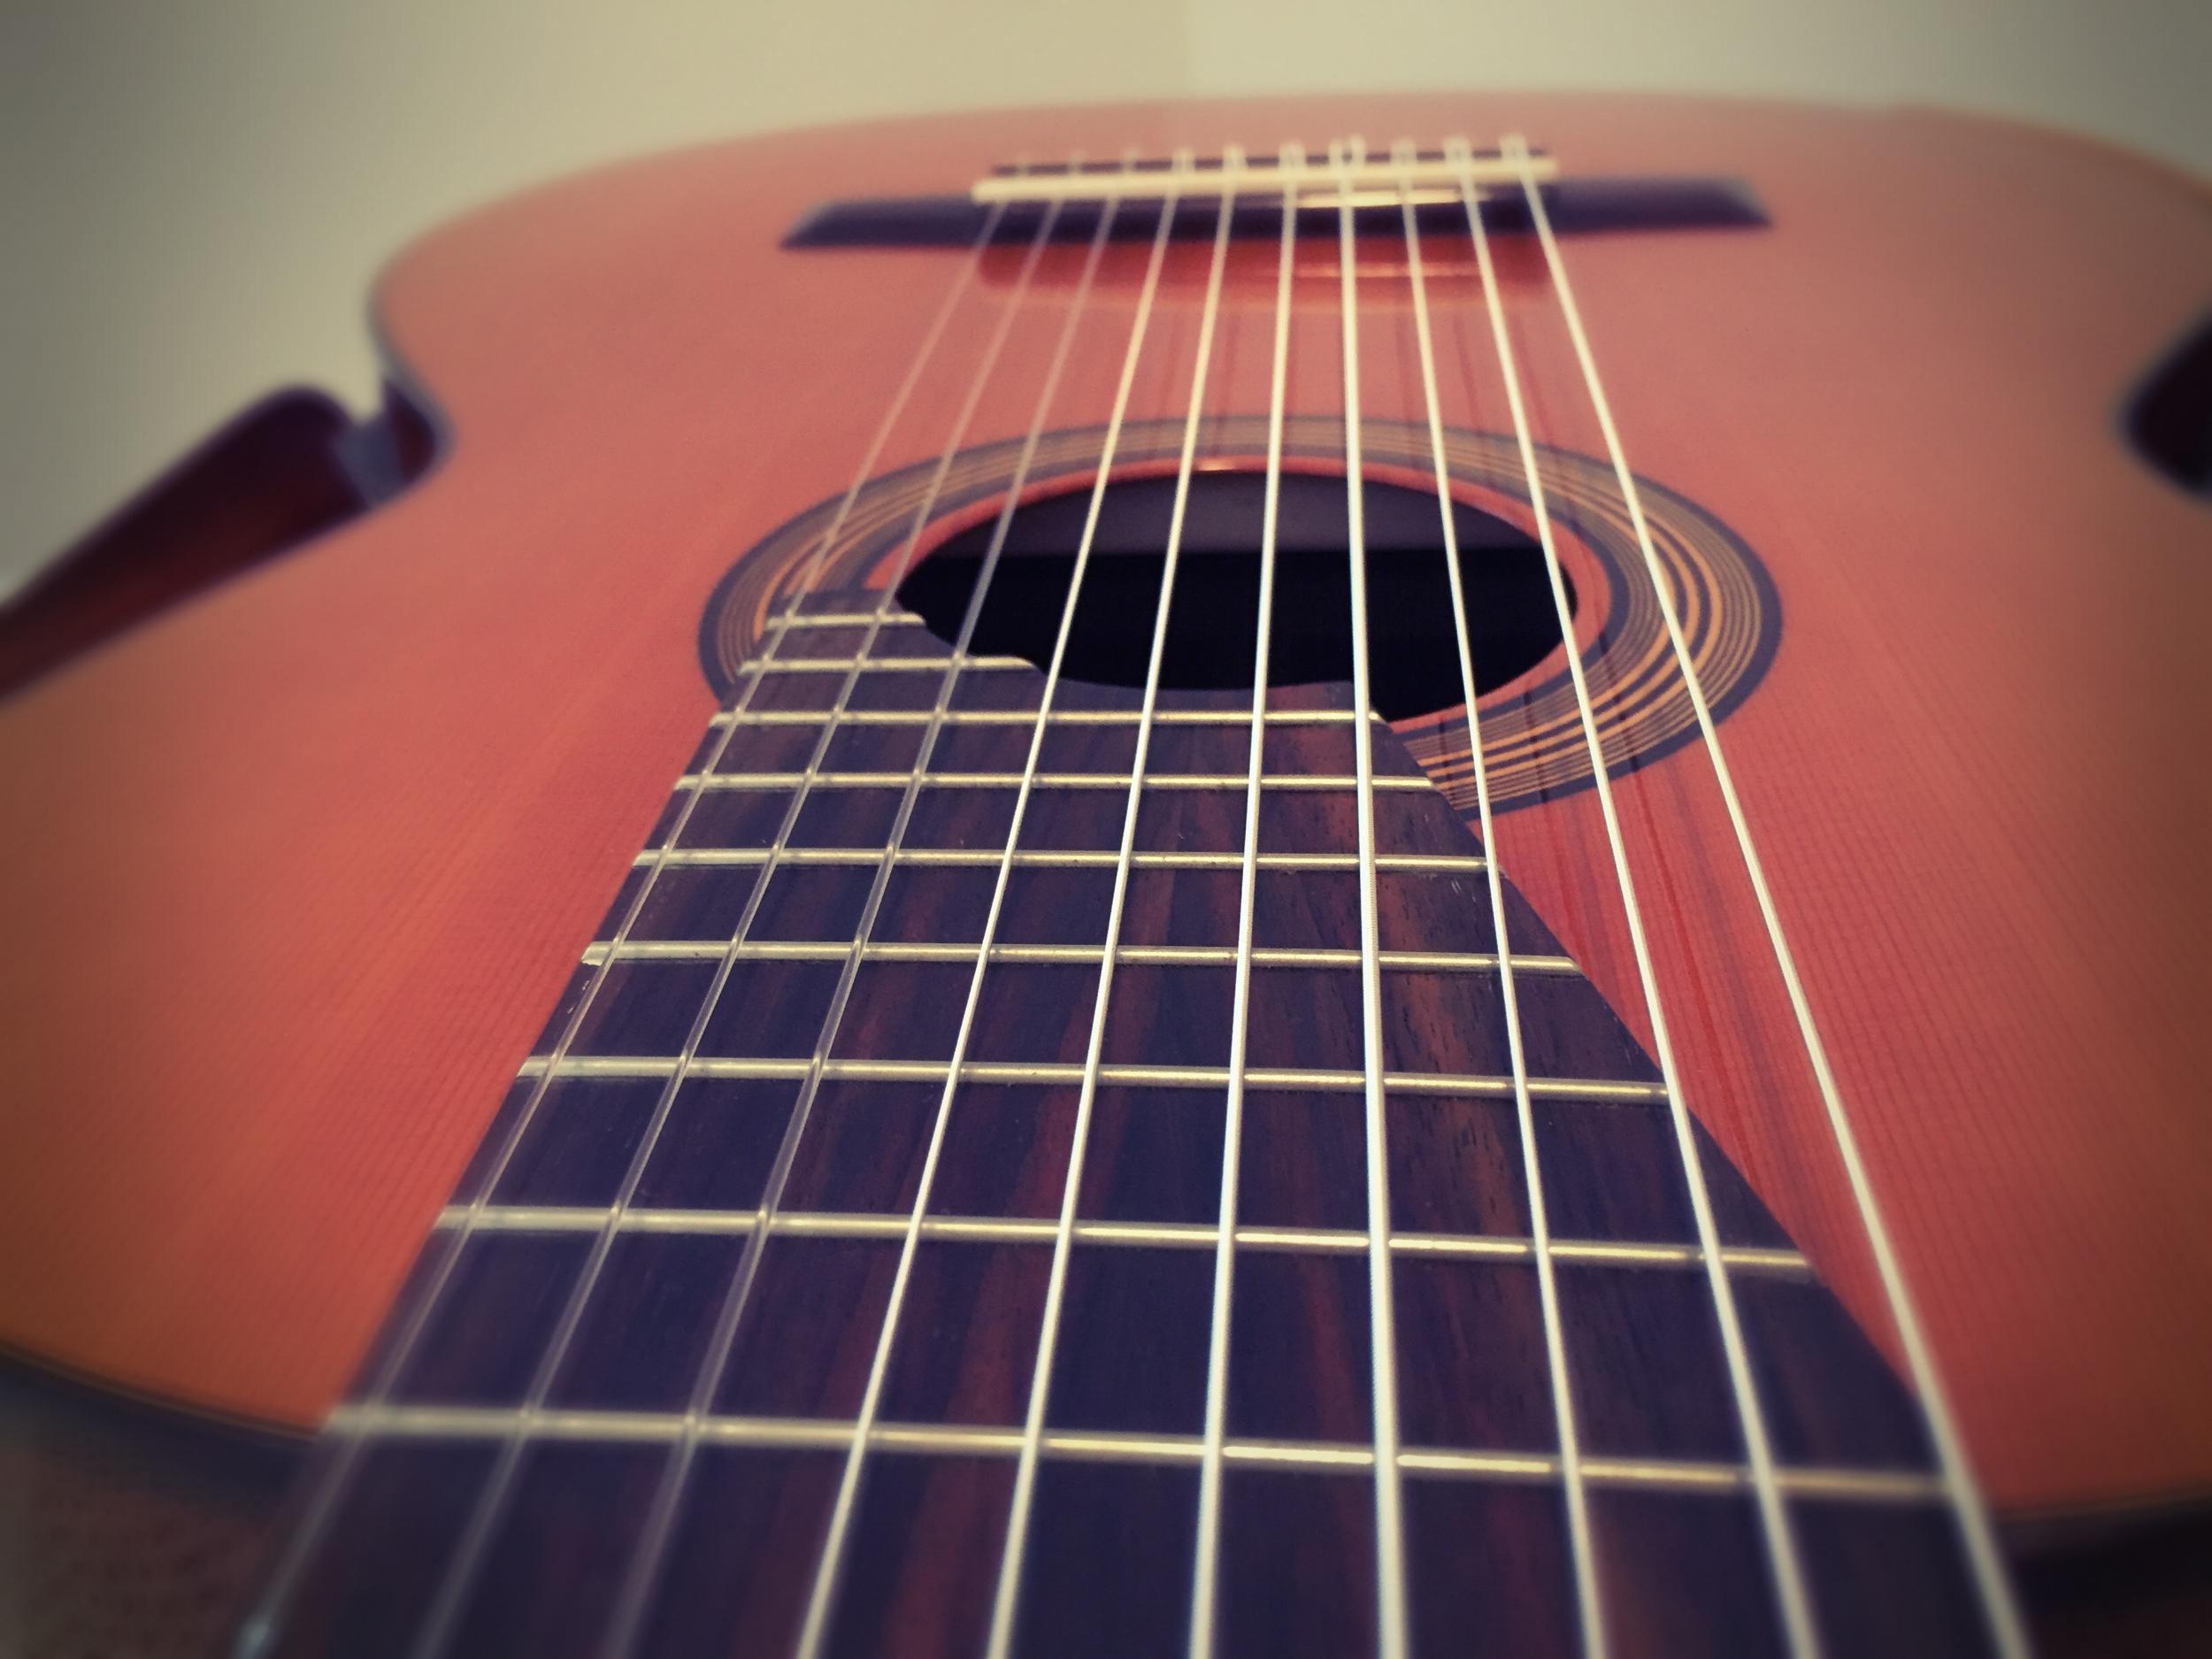 10-string guitar